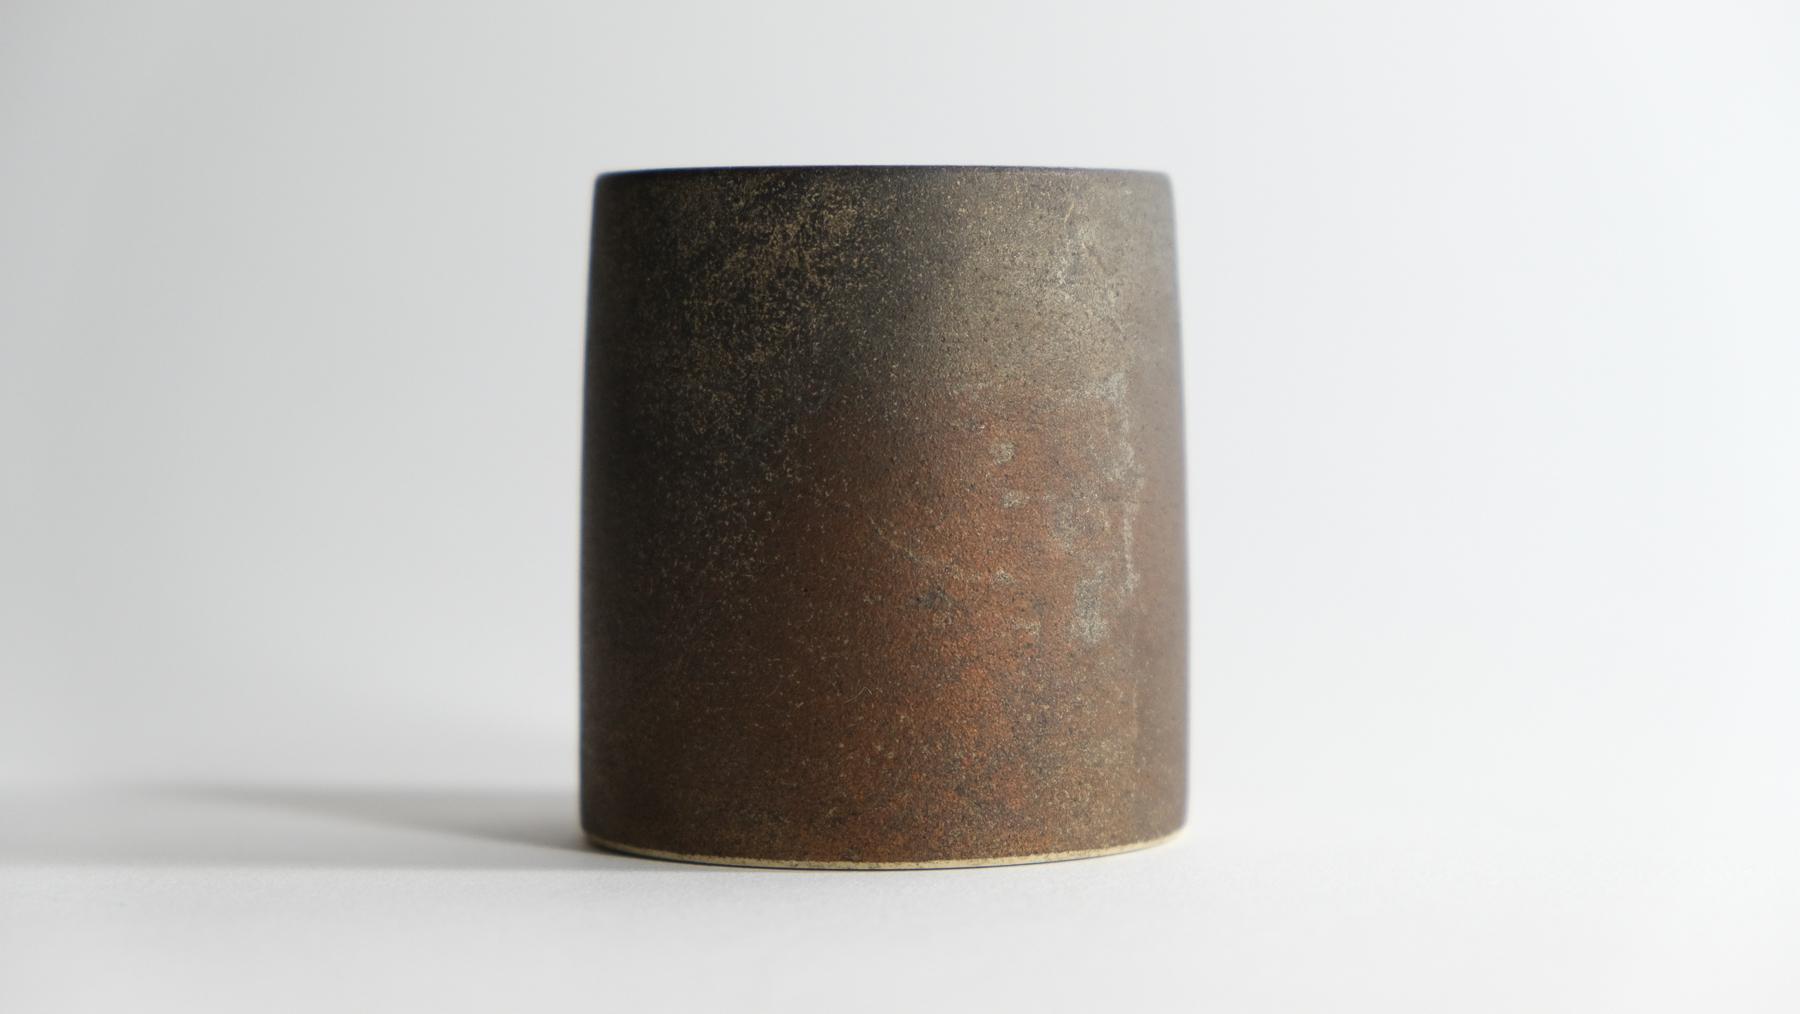 No_01 / ceramic vase / 【Takao Koshi】